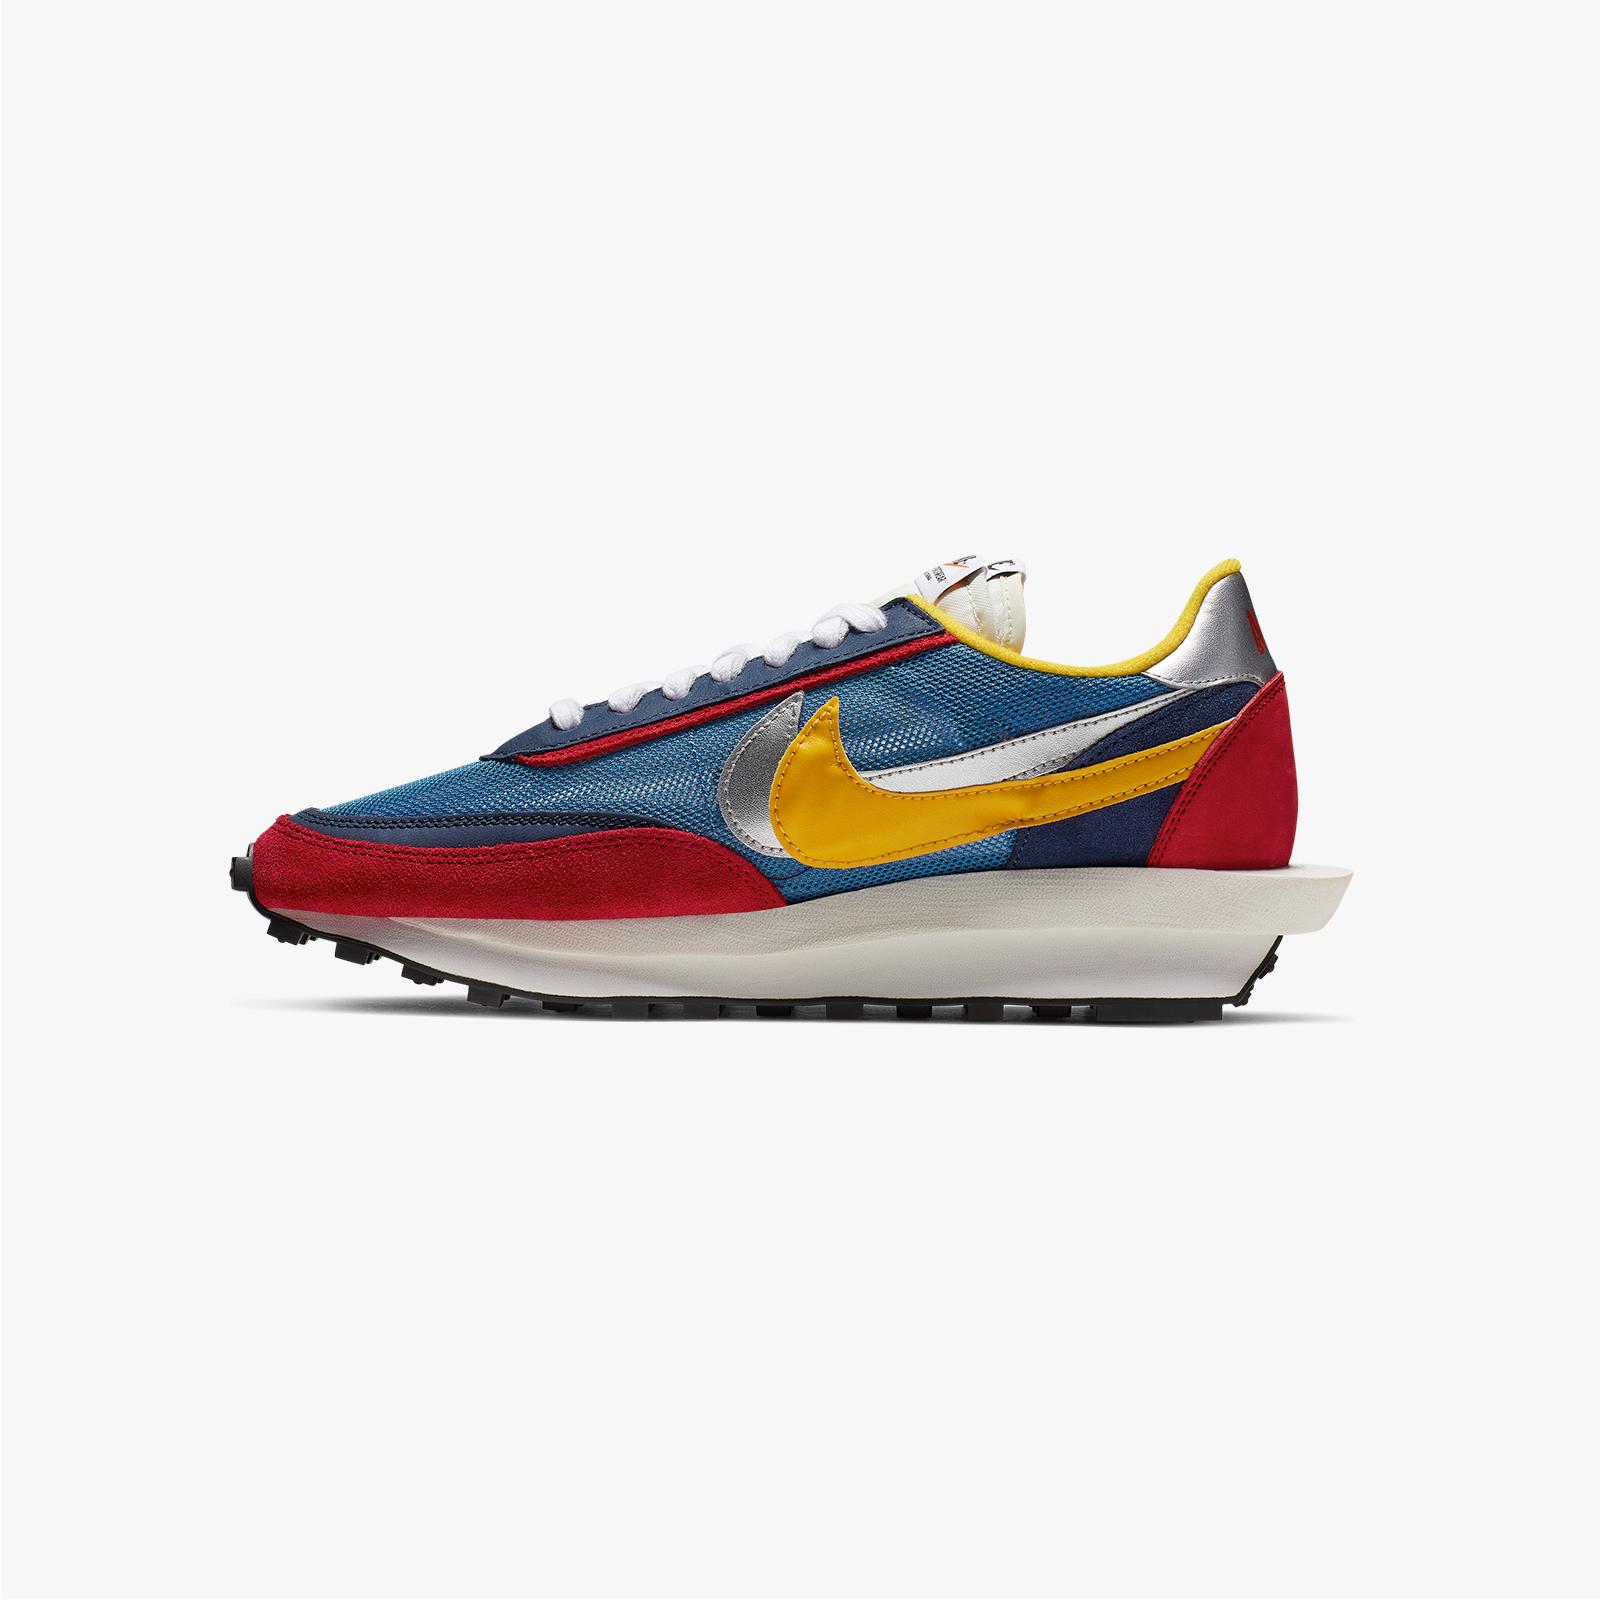 newest 7809d 55488 Nike LDWaffle   SACAI - Bv0073-400 - Sneakersnstuff   sneakers ...